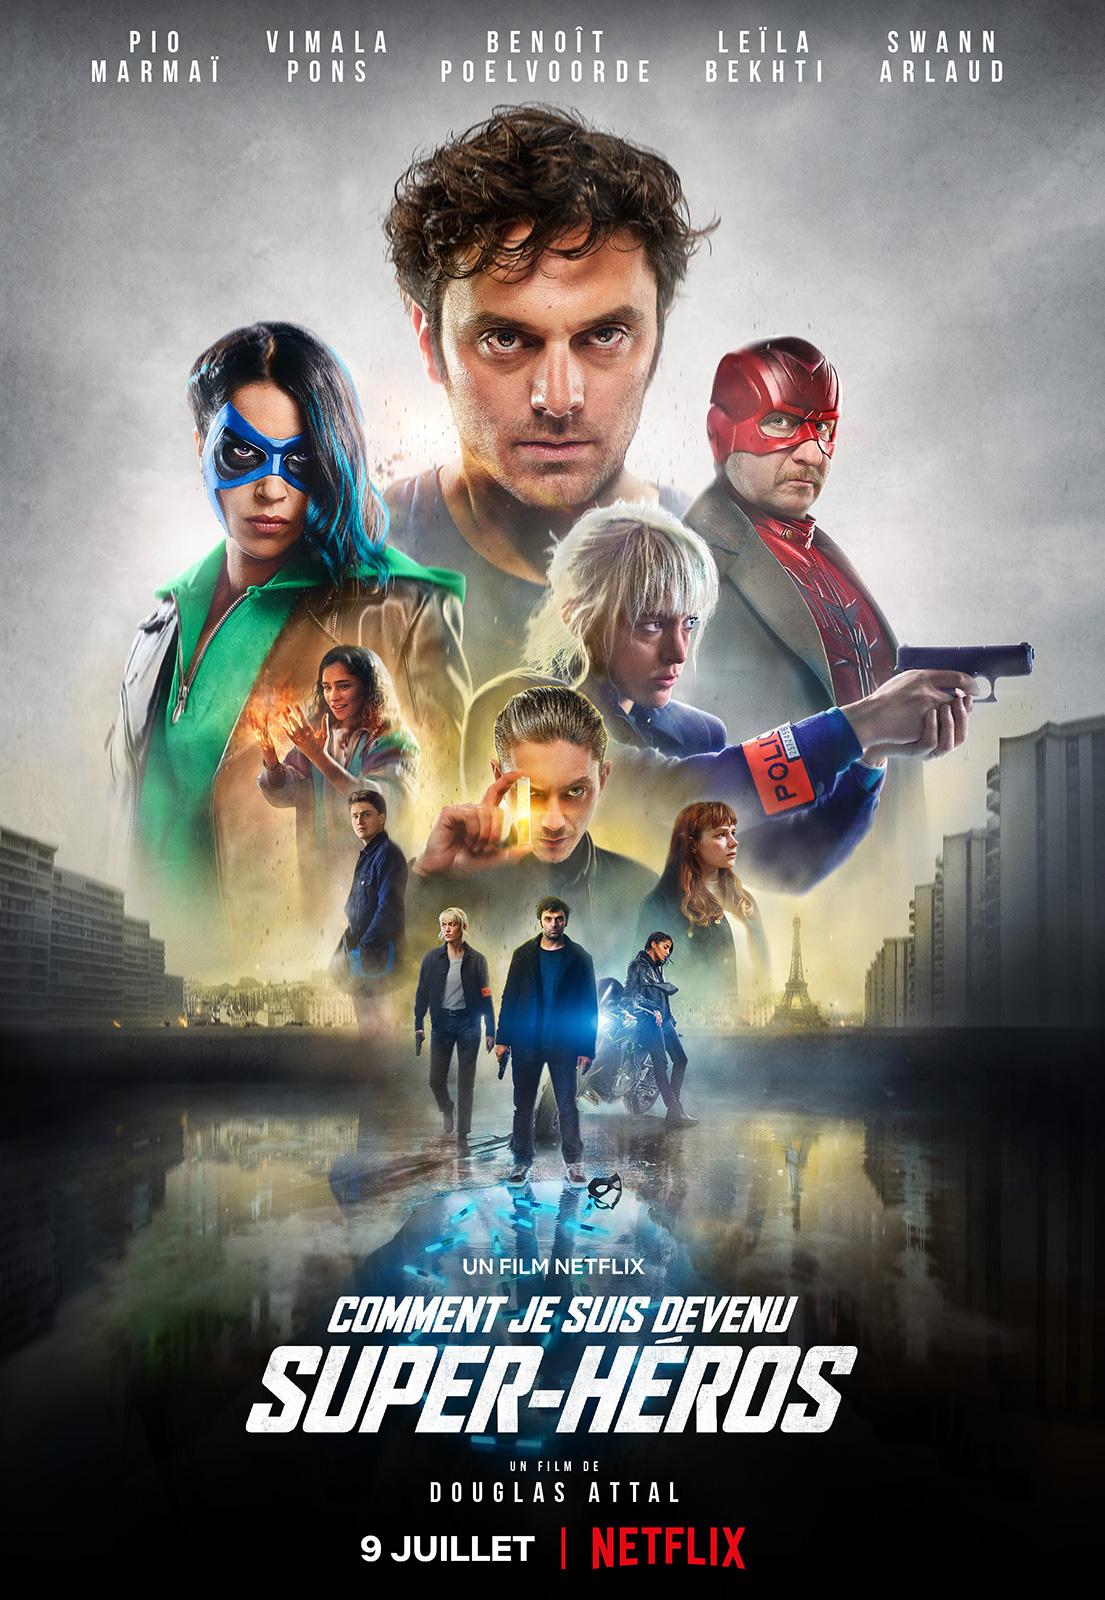 Como Virei Super-Herói   Filme de super-heróis francês com Pio Marmai no catálogo da Netflix